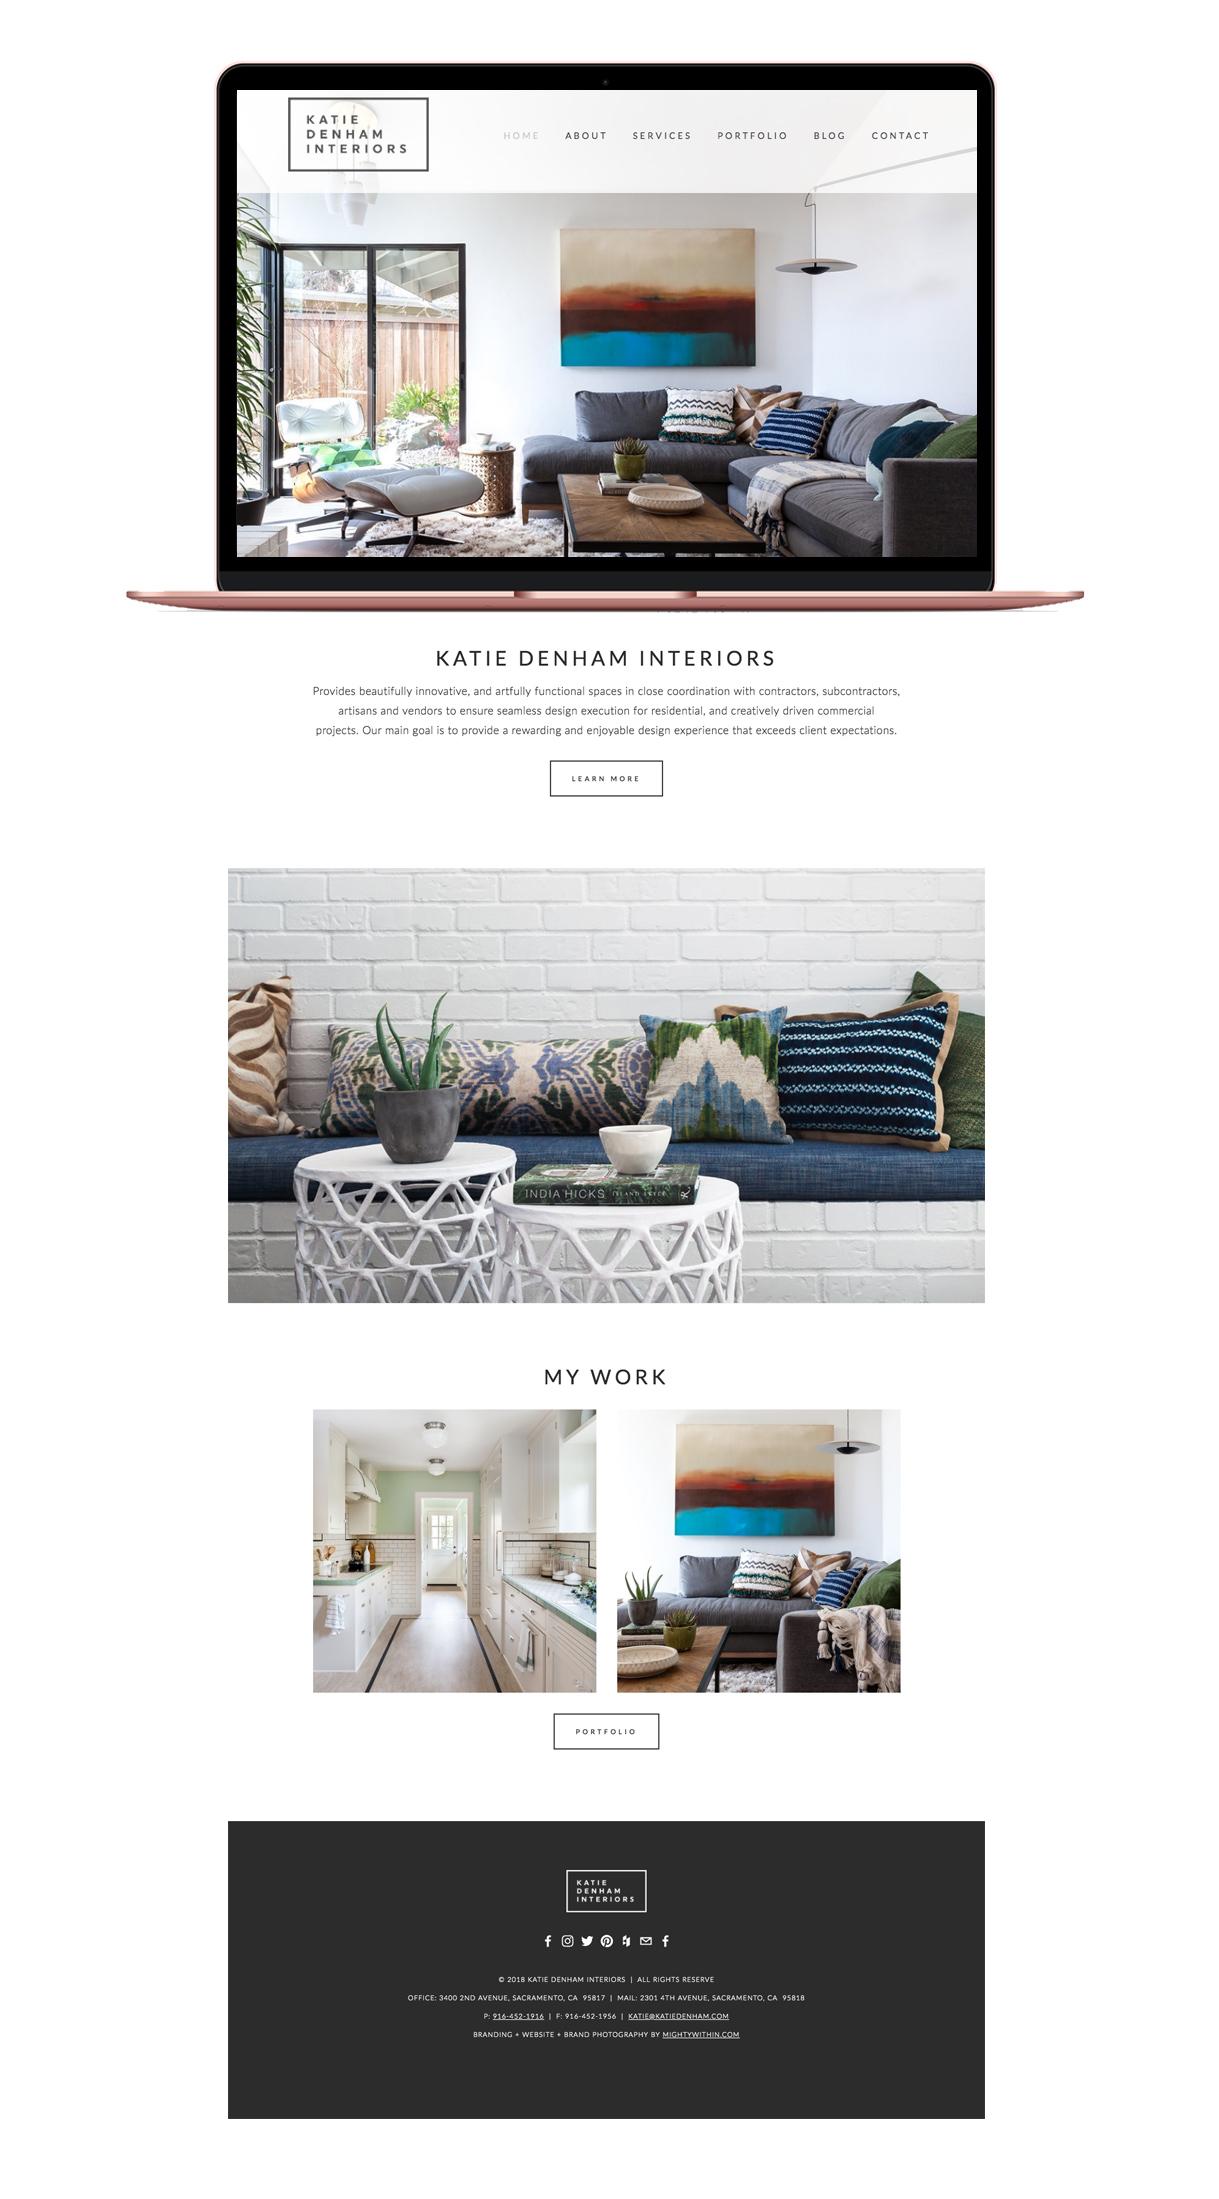 Katie Denham Interiors Squarespace Website Design